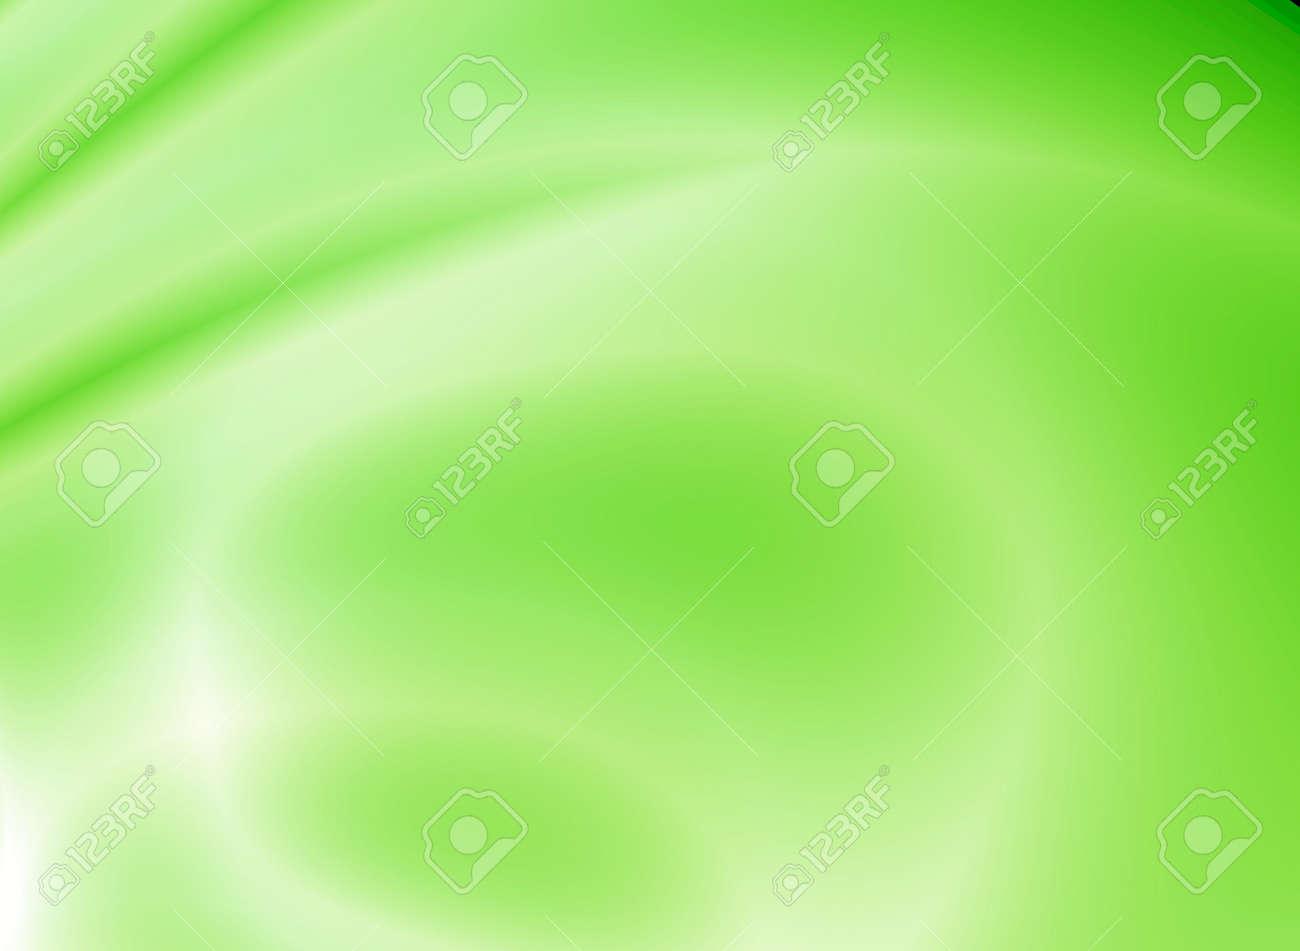 Light Green Abstract Design Abstract Design Light Green